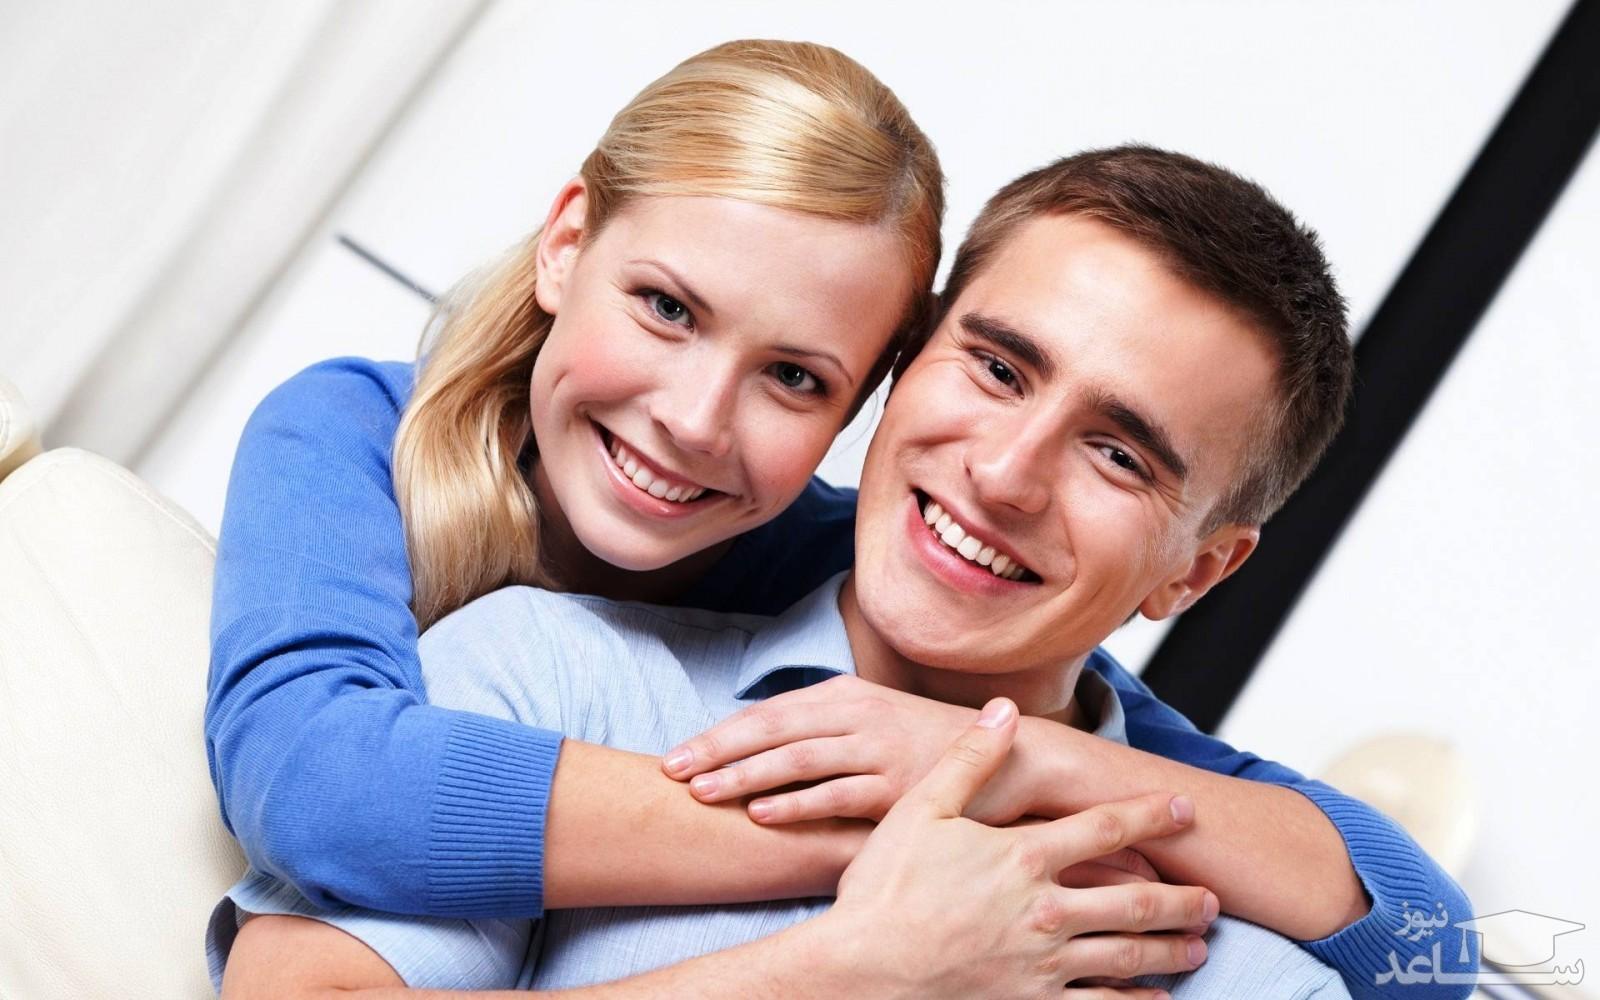 تست روانشناسی برای ارزیابی موفقیت در زندگی زناشویی